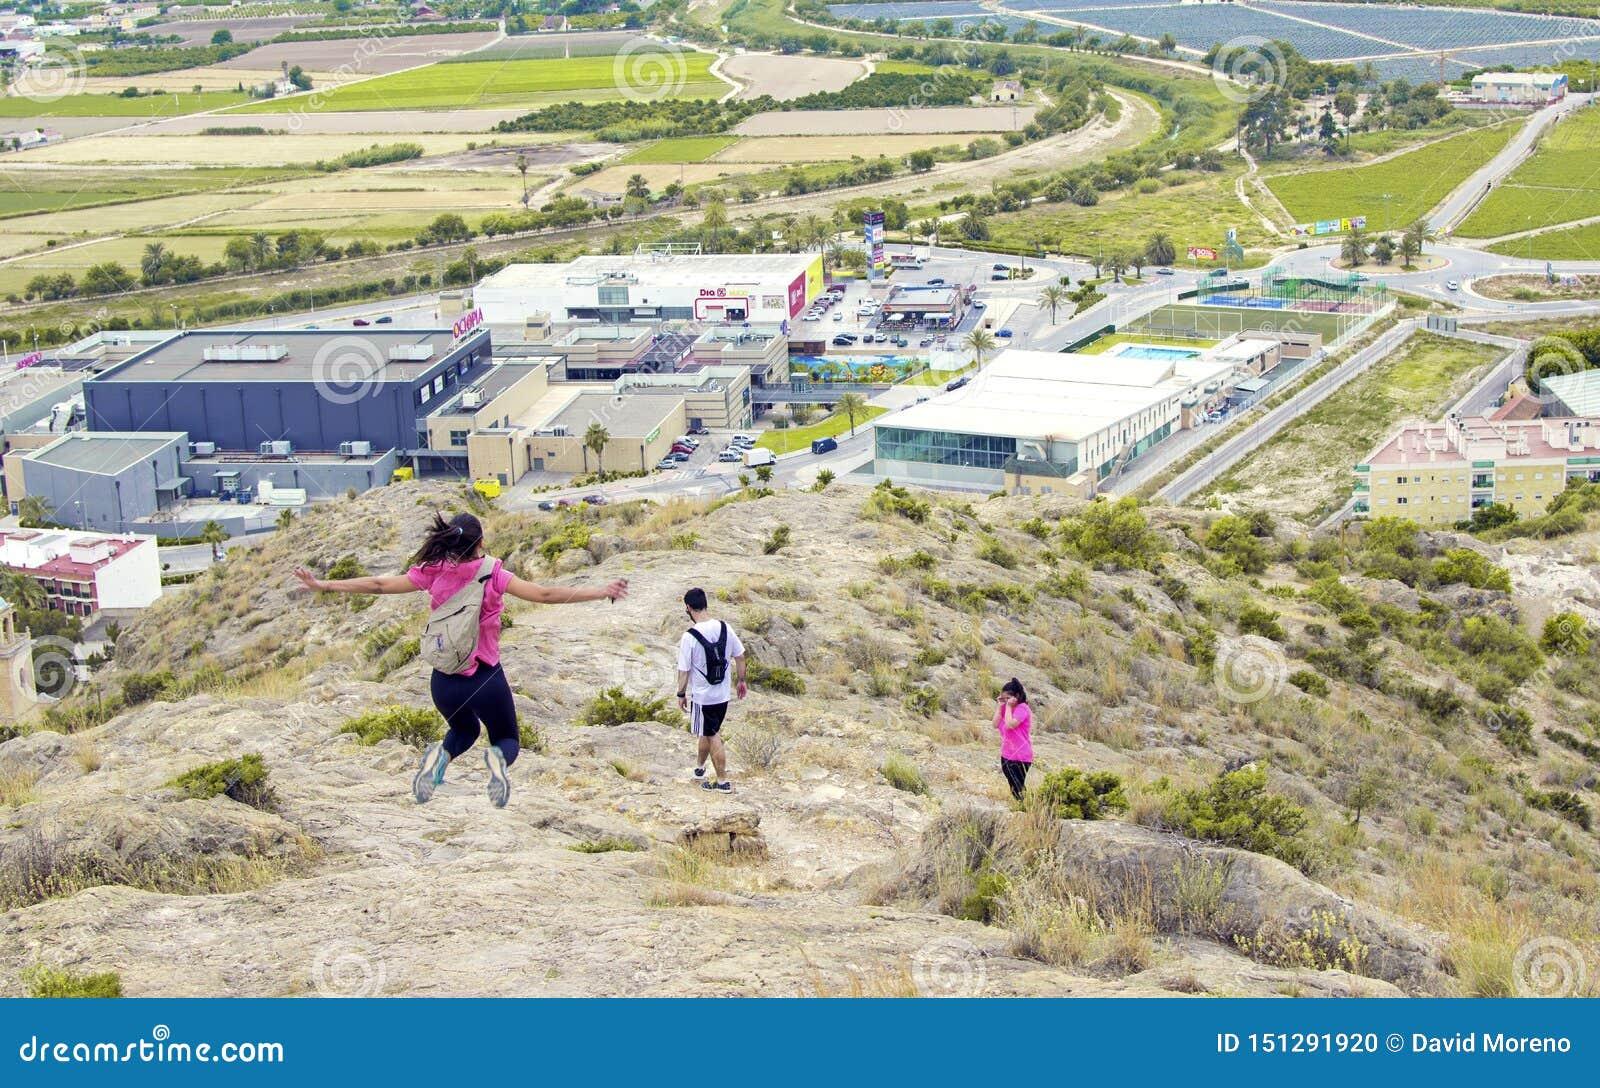 Orihuela, España - 22 de junio de 2019: Grupo que camina ir a lo largo de la colina el verano